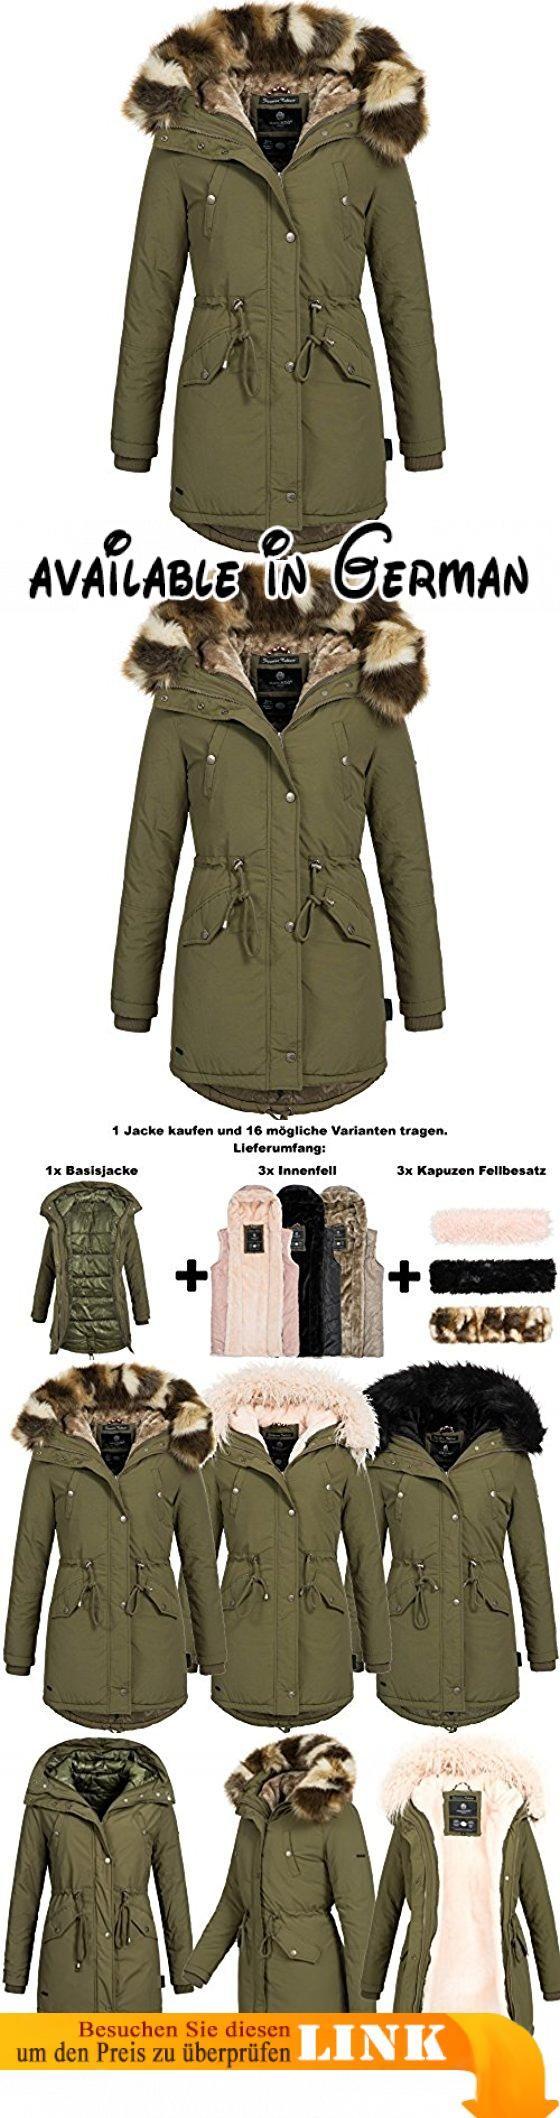 Marikoo TIRAMISU 16in1 Damen Jacke Parka XXL Fell Winterjacke Mantel 3-Farben WoW inklusiv Lieferumfang: 3x Innen- und Außenfell XS-XXXXXL, Größe:M - 38;Farbe:Grün. Mit dem Kauf von diesem Parka können Sie Ihrer Fantasie freien Lauf lassen. Sie haben 16 mögliche Trage Varianten. Sie kaufen hier ein Set, bestend aus: 1xBasisjacke + 3x Innenfell(Rosa, Braun, Schwarz) + 3x Kunsfellkragen(Rosa, Camouflage, Schwarz). Der Mantel ist nicht nur optisch ein Highlight sondern